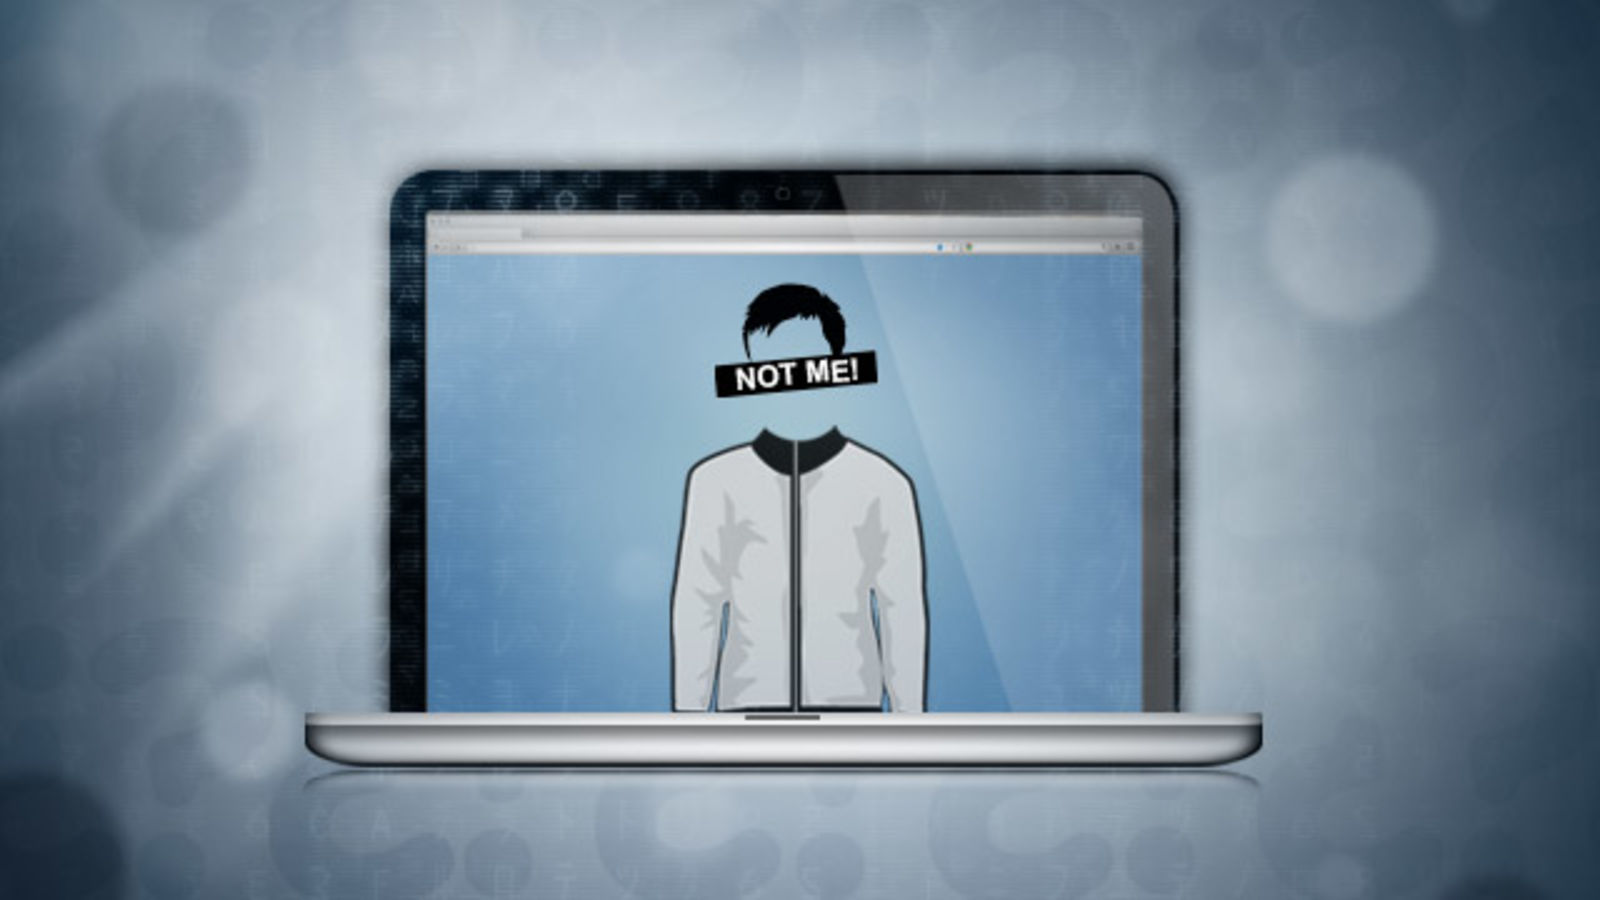 เว็บไซต์ Olymp Trade ปลอม